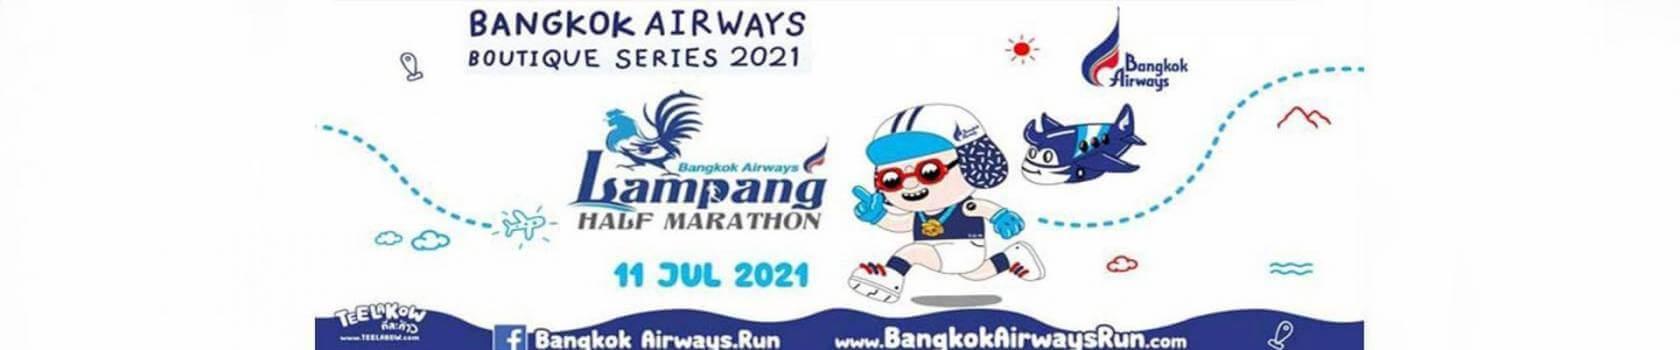 Bangkok Airways Lampang Half Marathon 2021